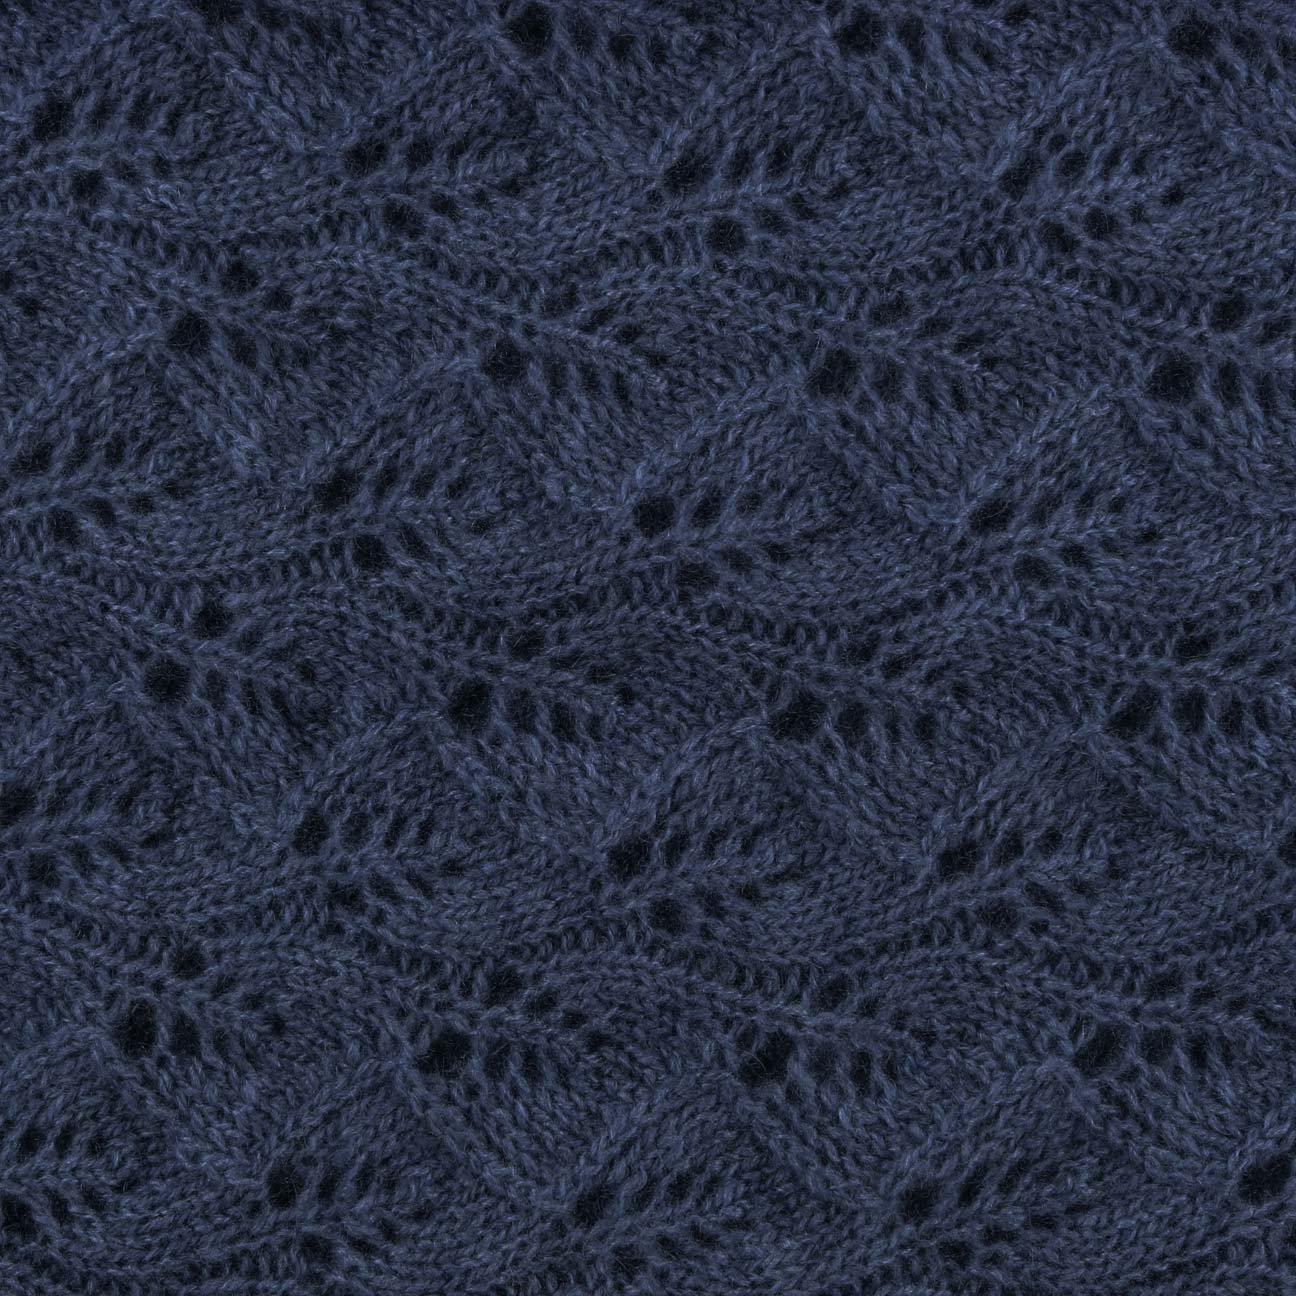 073bef73c0 Sciarpa Triangolare Cachemire Seeberger sciarpa invernale sciarpa in ...